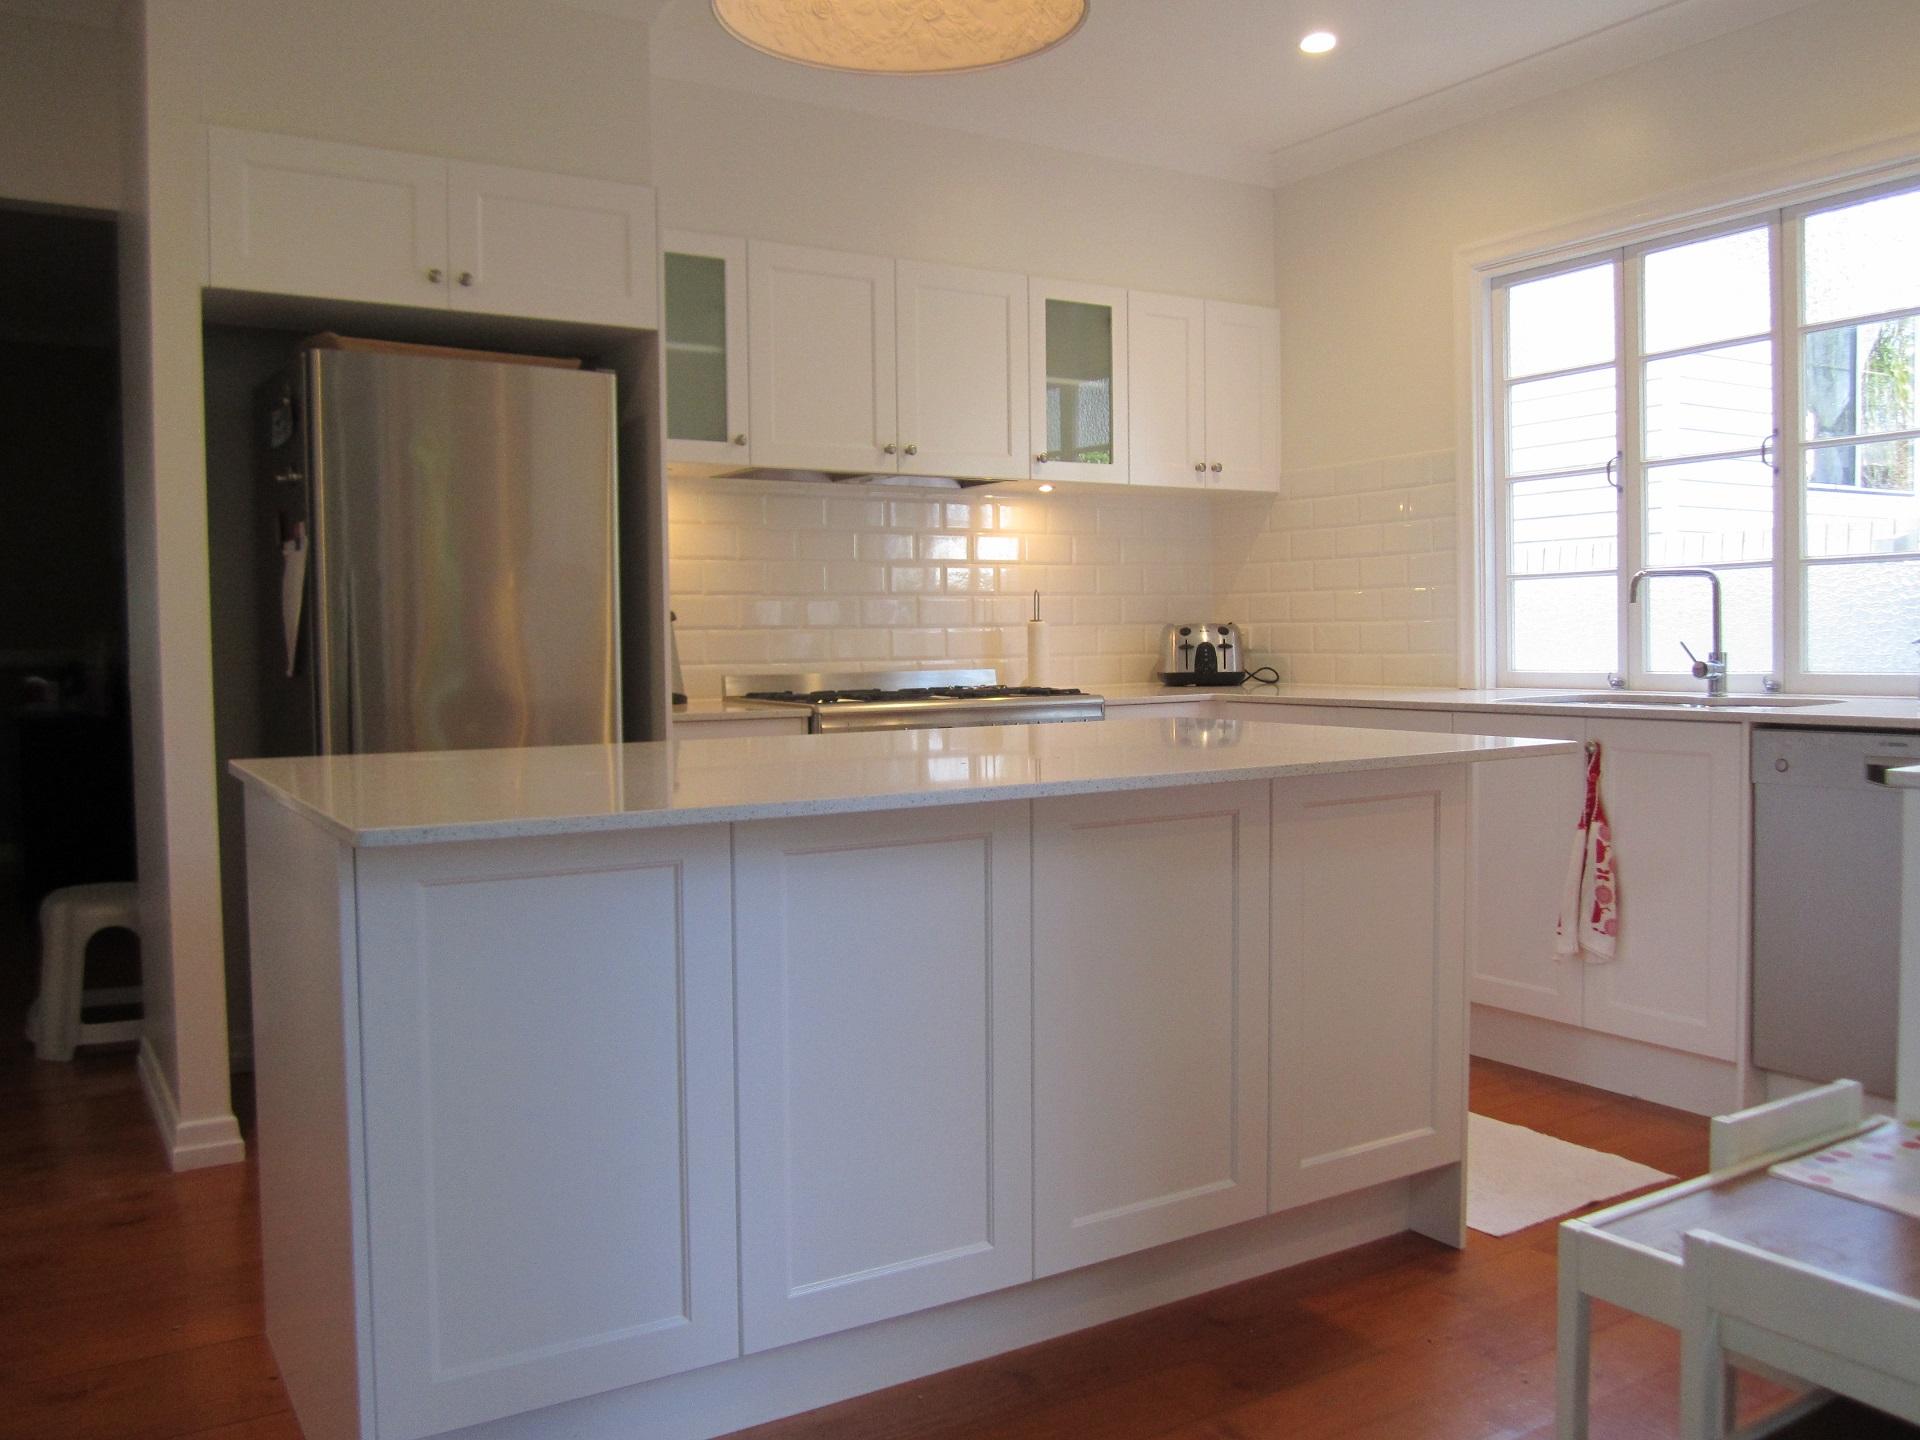 brisbane-kitchen-design-windsor-shaker-kitchen5